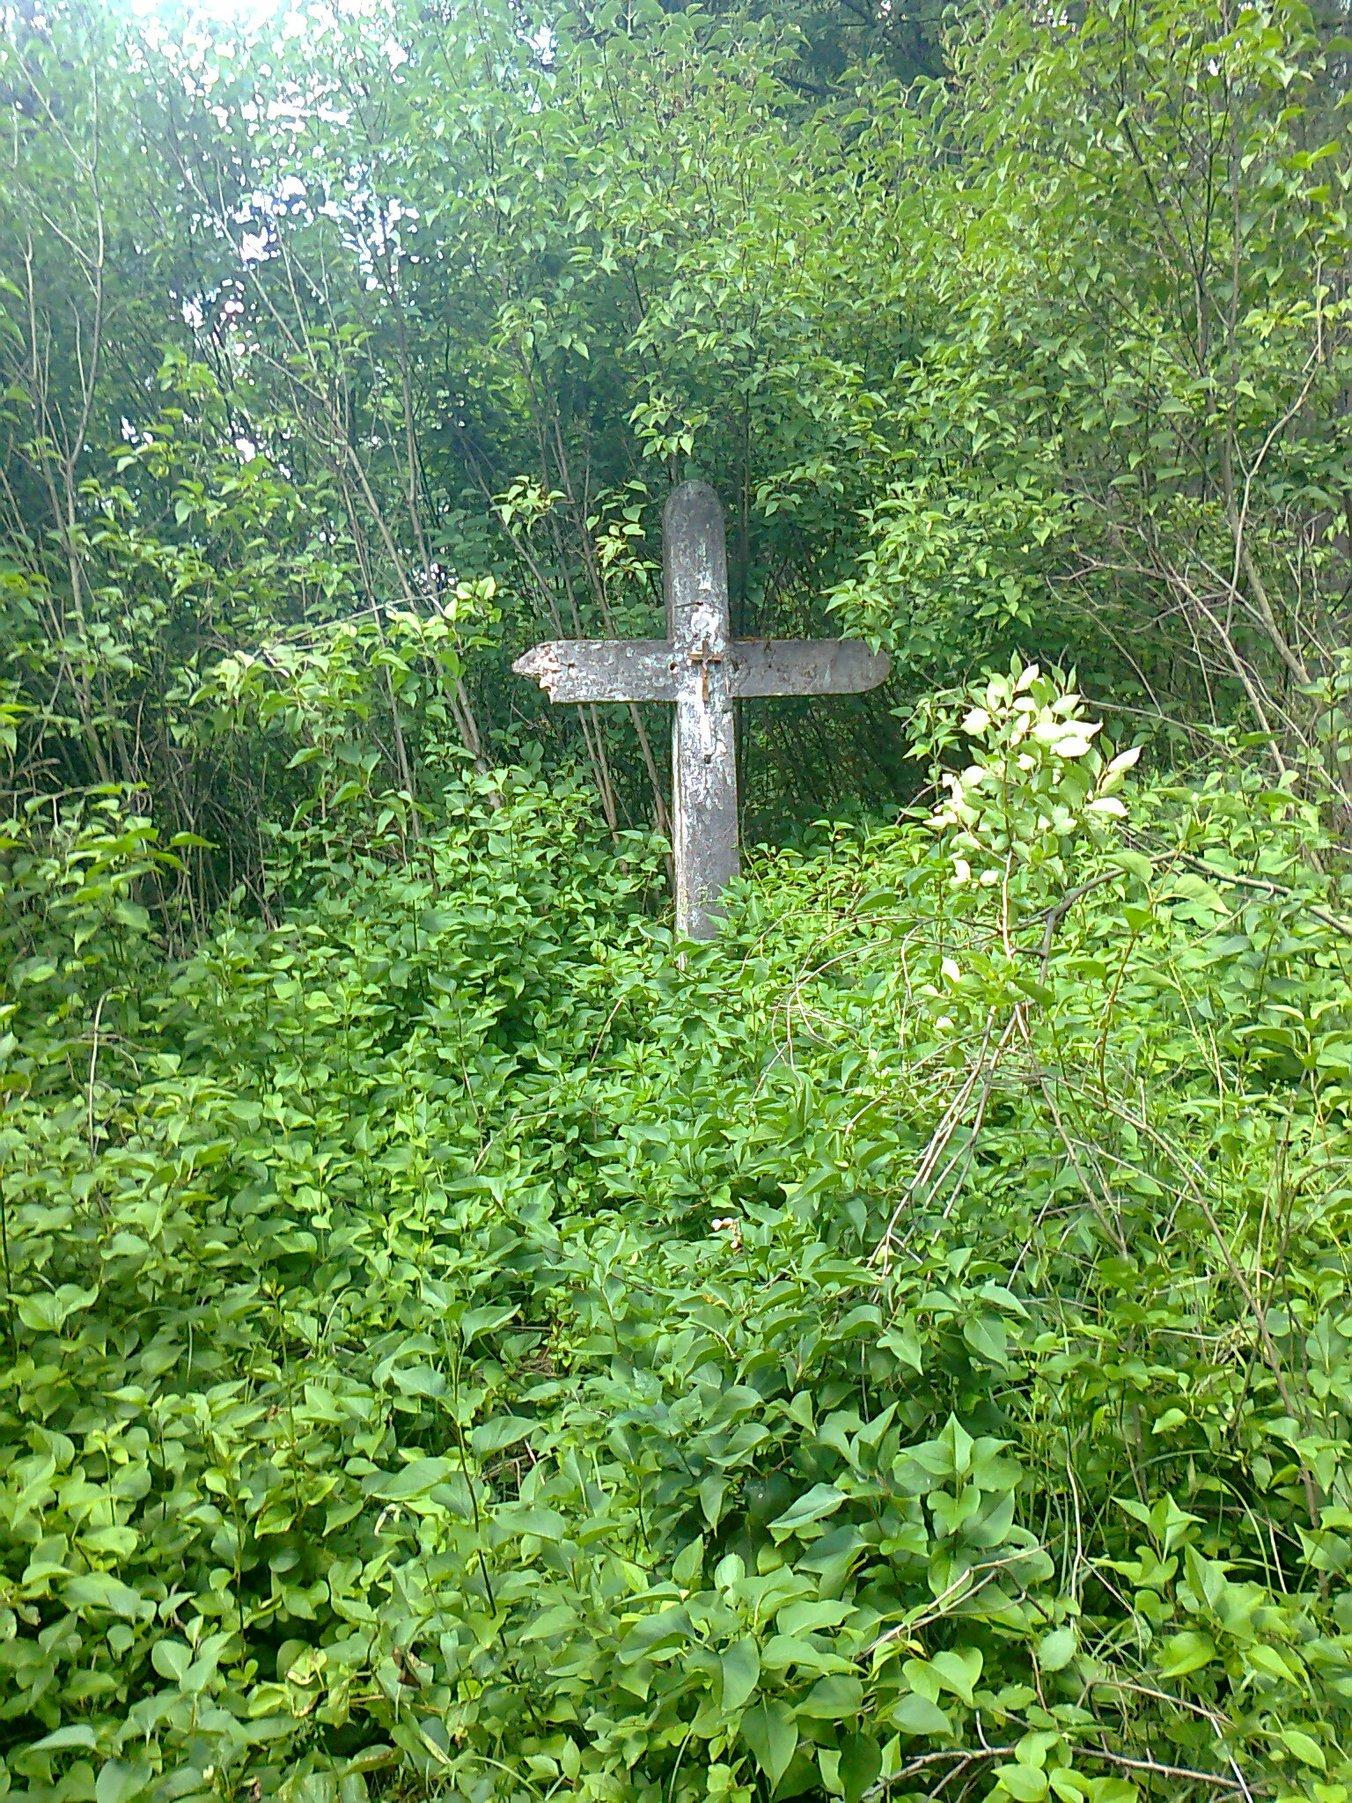 I ten sam krzyż tylko w wiosennych bzach. fot